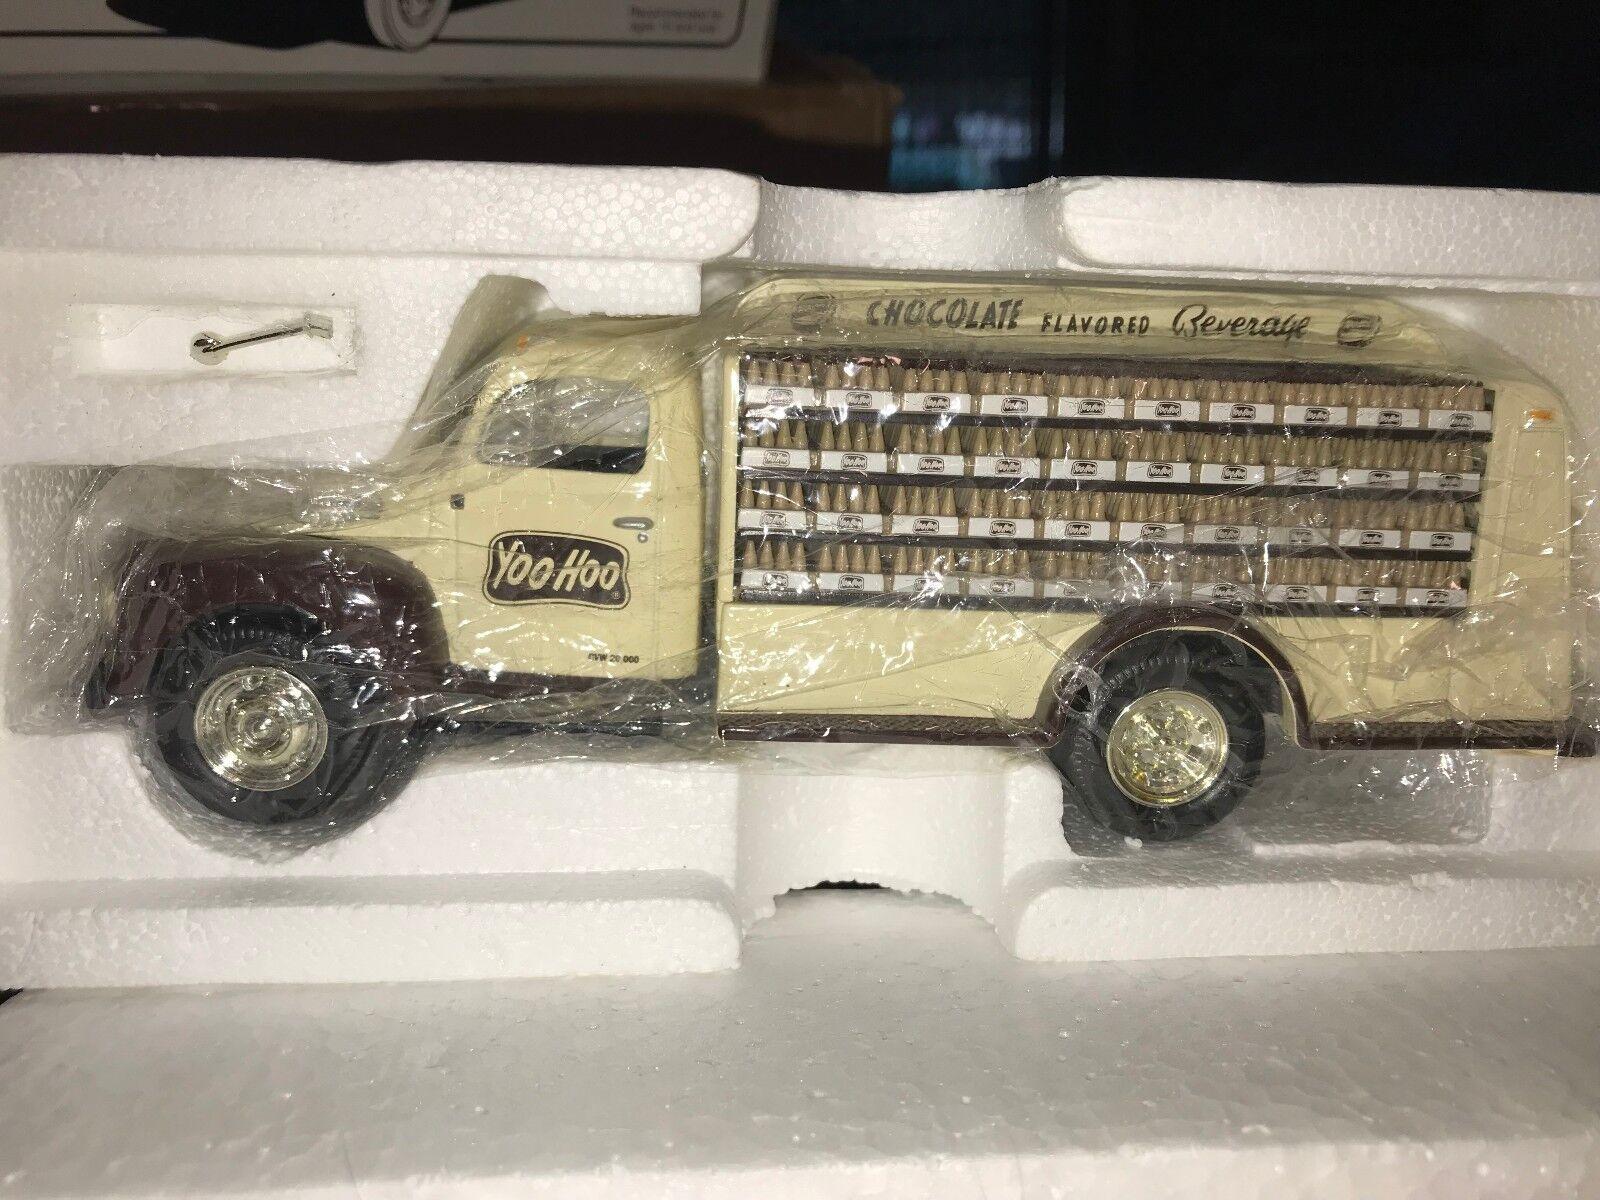 First Gear 1951 Ford F-6 envasador al camión Yoo Hoo bebida de chocolate  raros